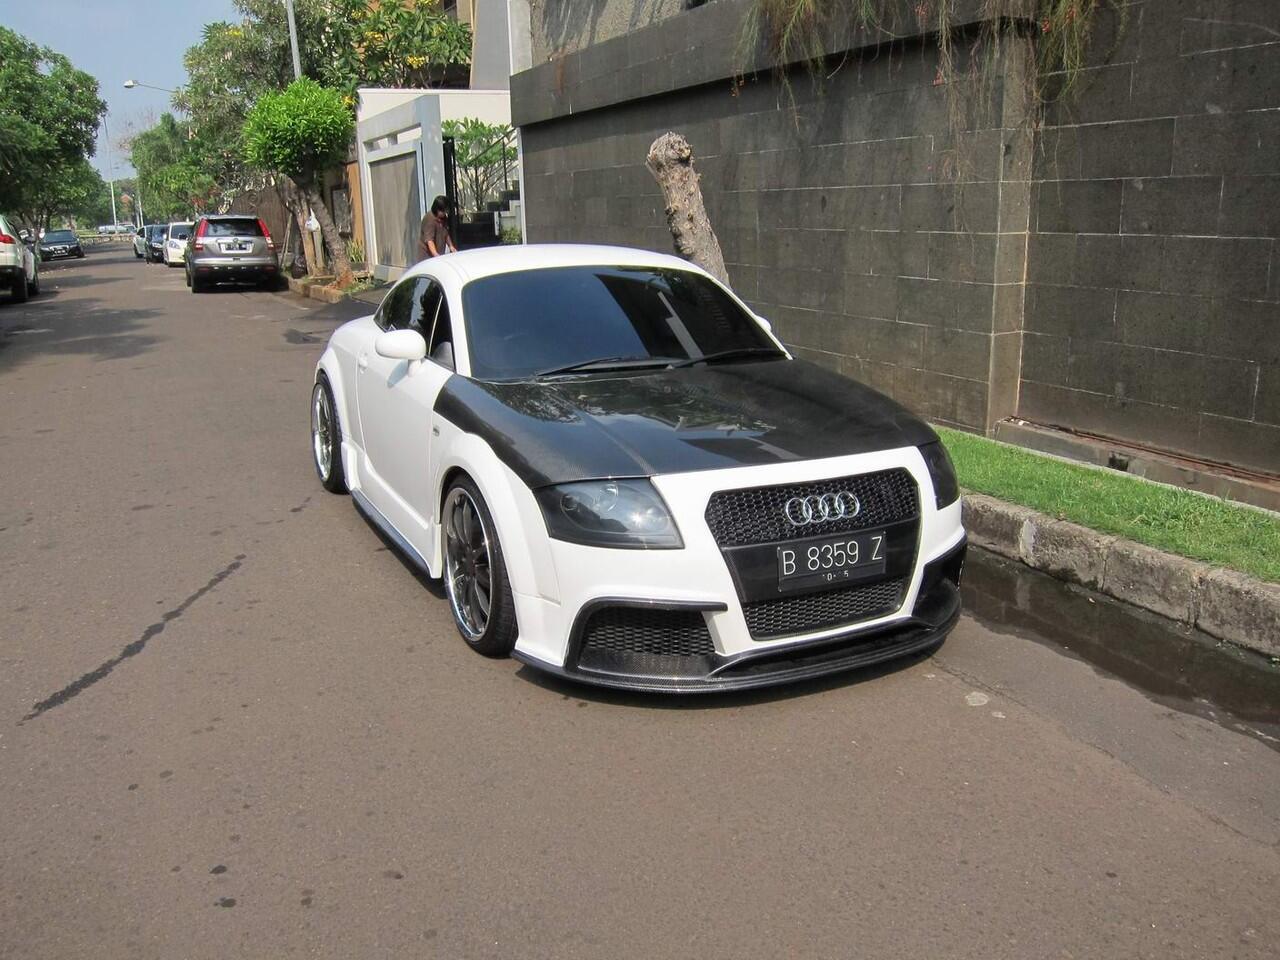 Terjual FS Audi TT Quattro Turbo Full Modifikasi Mewah Putih Bagus